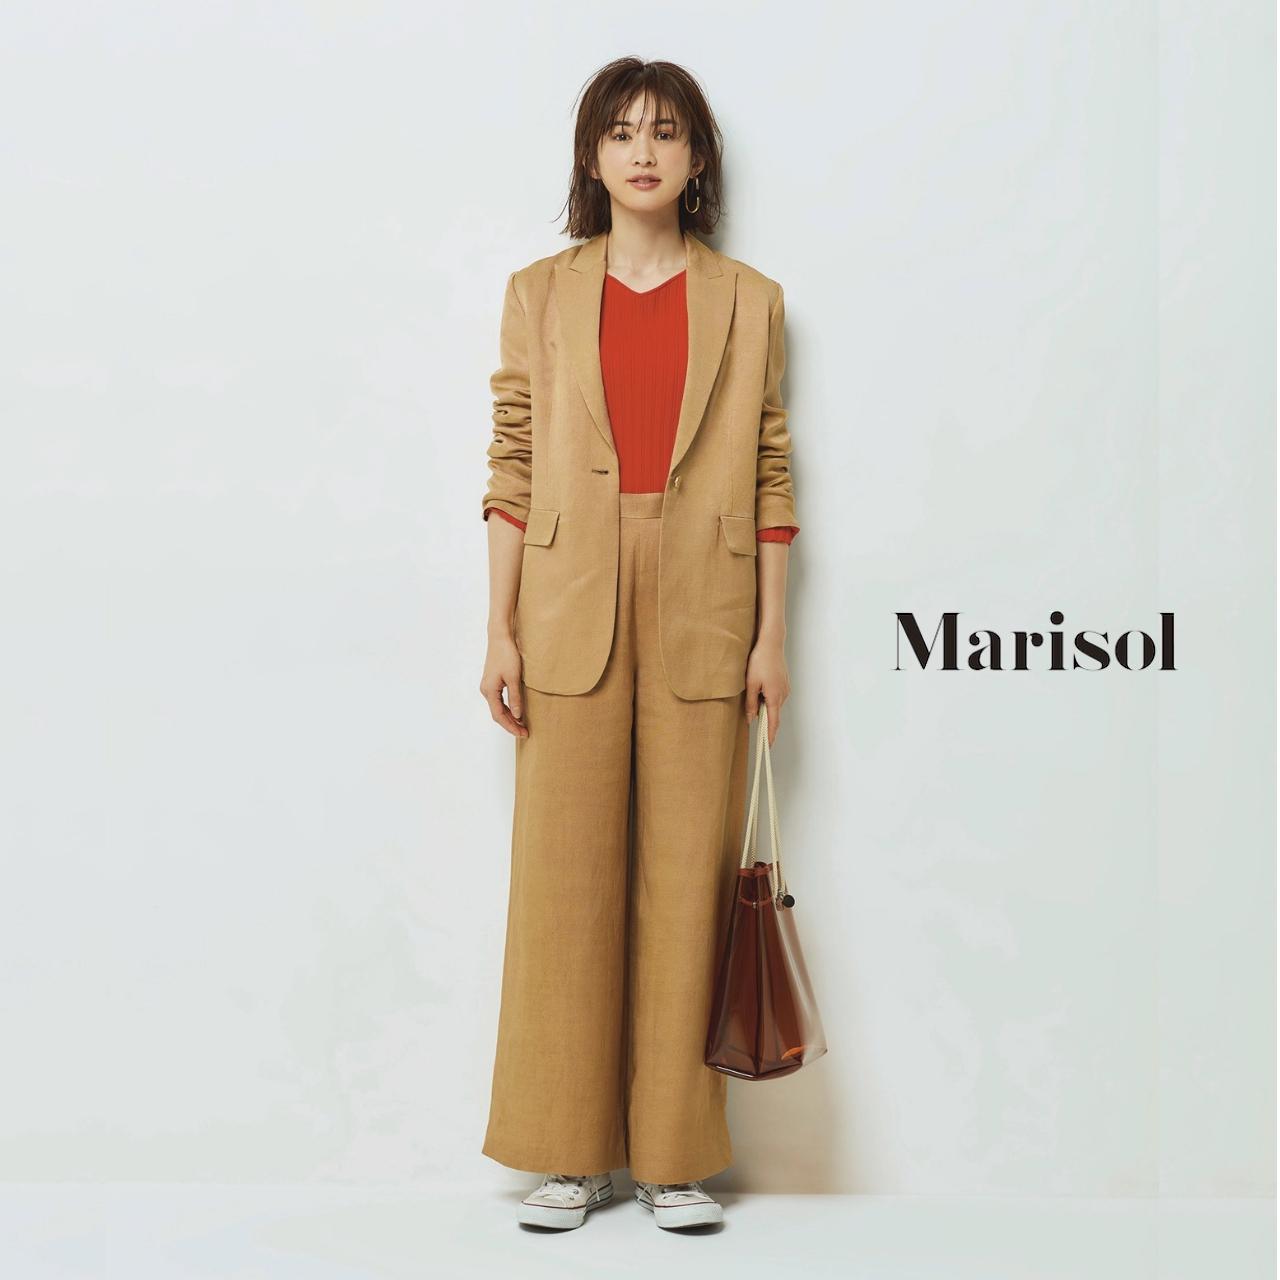 40代ファッション 赤トップス×ベージュパンツのセットアップコーデ